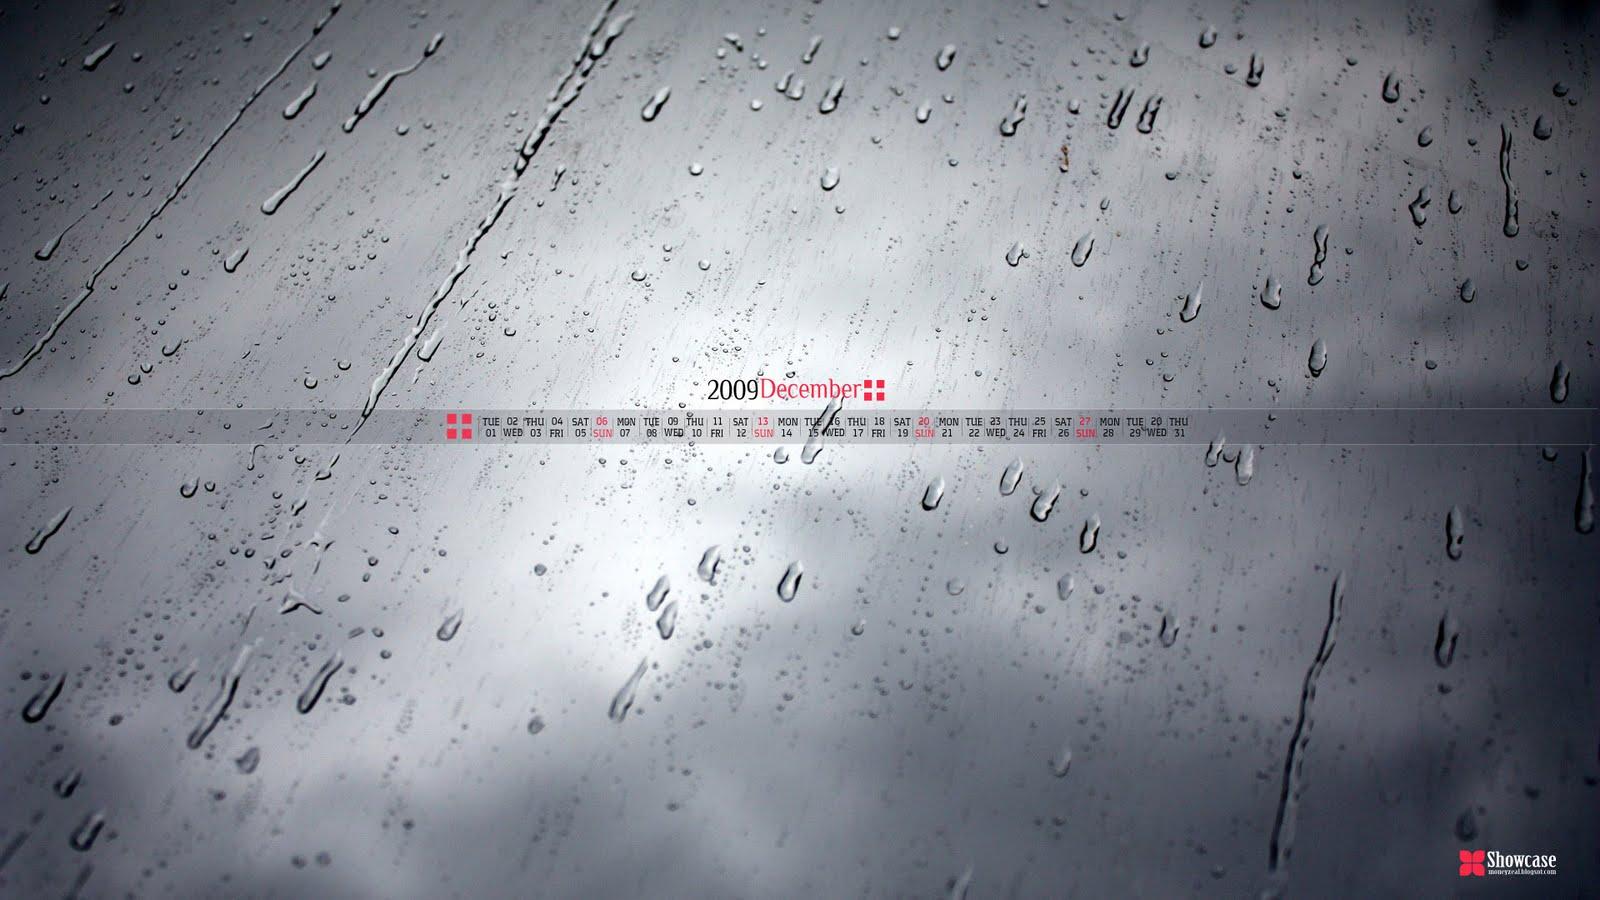 http://4.bp.blogspot.com/_DEB1t8q_om0/SwyYDlw3rpI/AAAAAAAACdg/AXuKNI83hUo/s1600/Hot-abstract-desktop-wallpaper-calendar-background-december-2009-hd-wallpaper-1920x1080.jpg.jpg